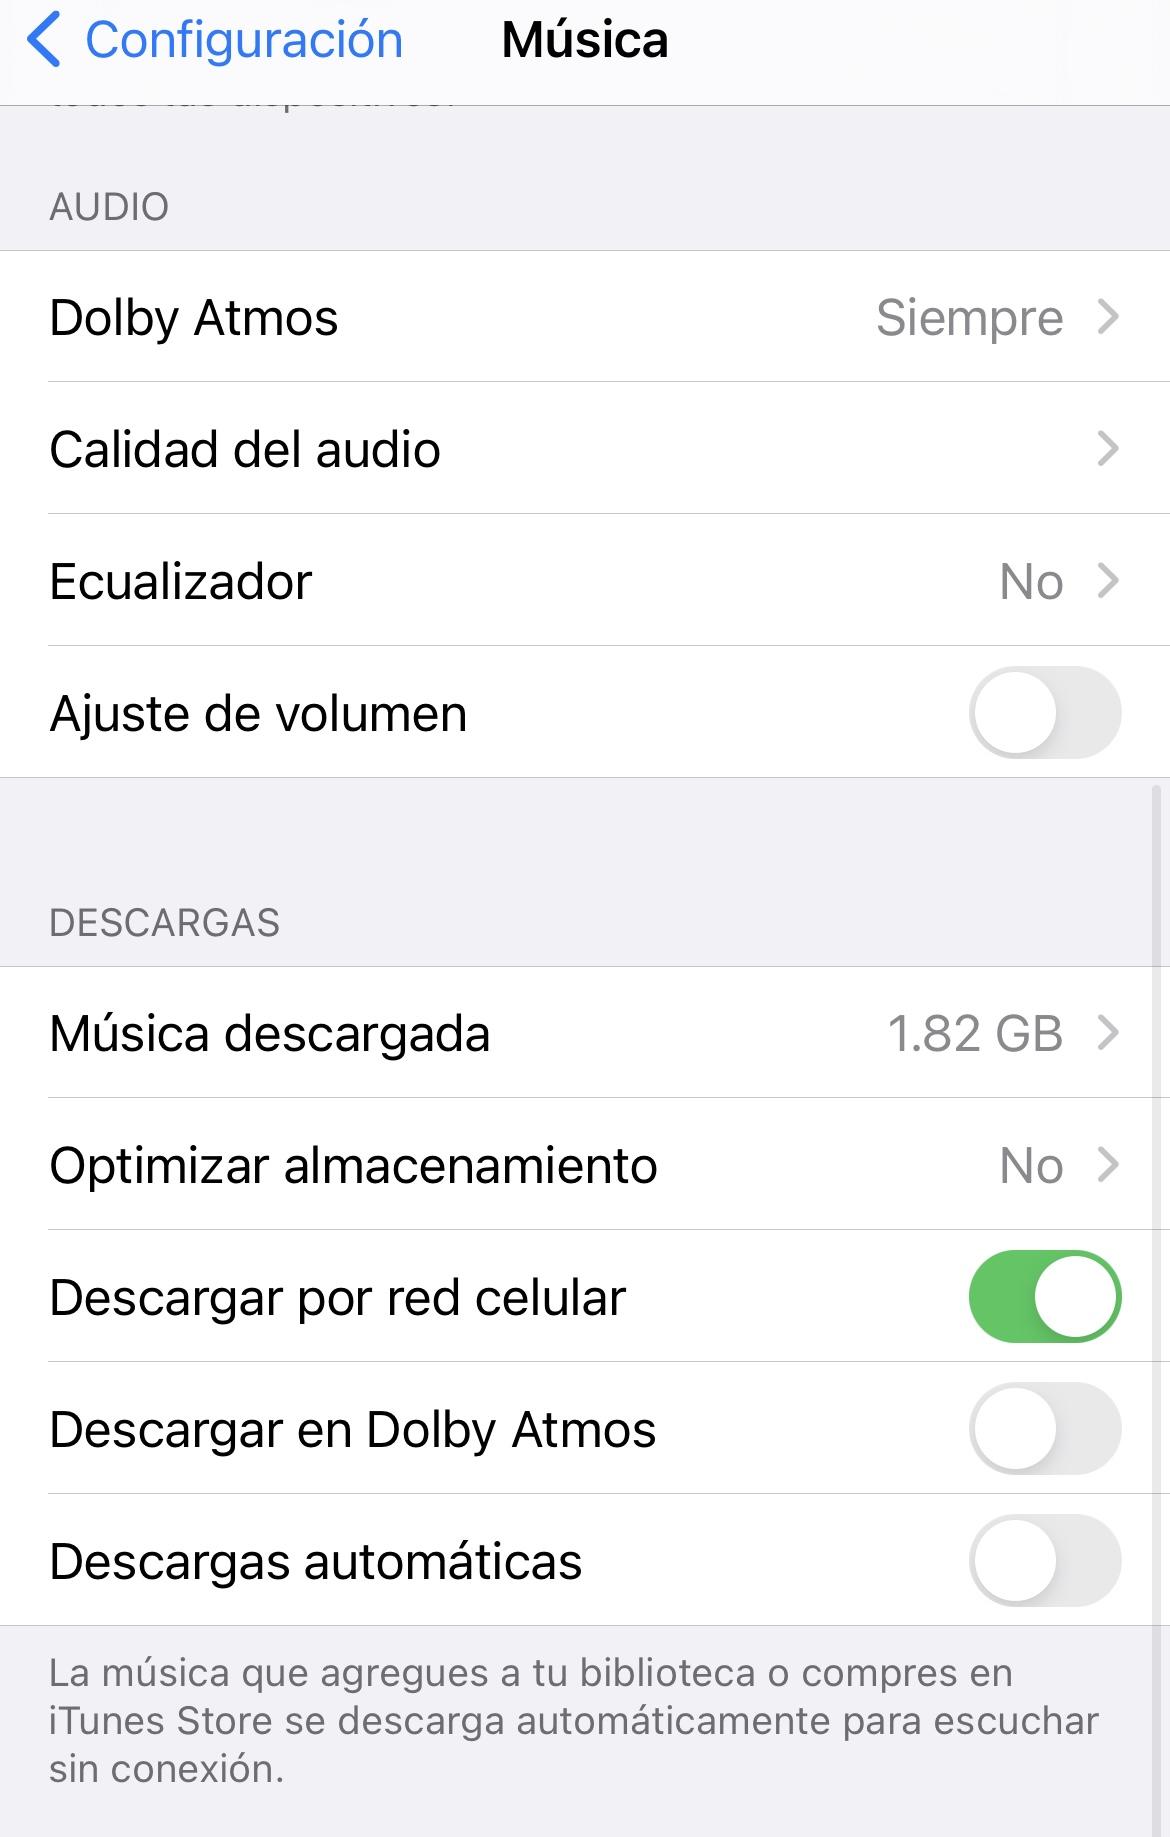 Acá te decimos cómo activar Spatial Audio y Lossless Audio en Apple Music